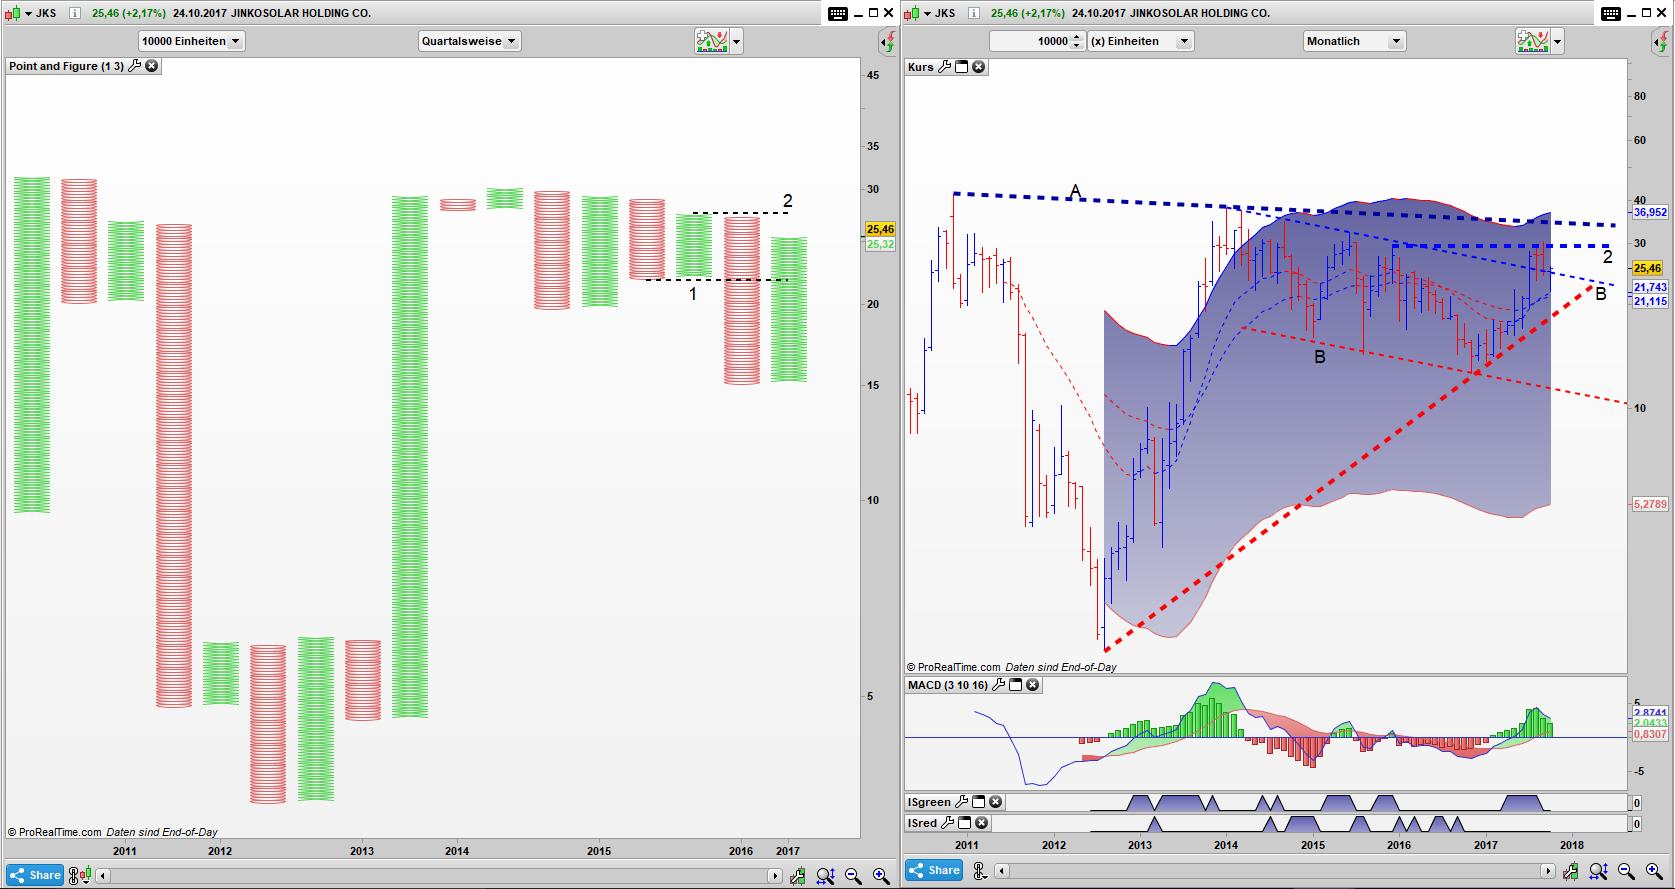 JKS Point and Figure Quartals Chart, Bar Monats Chart: Im PaF dominieren noch die Bären, ein Umschwung ist Bar Chart jedoch zu erkennen